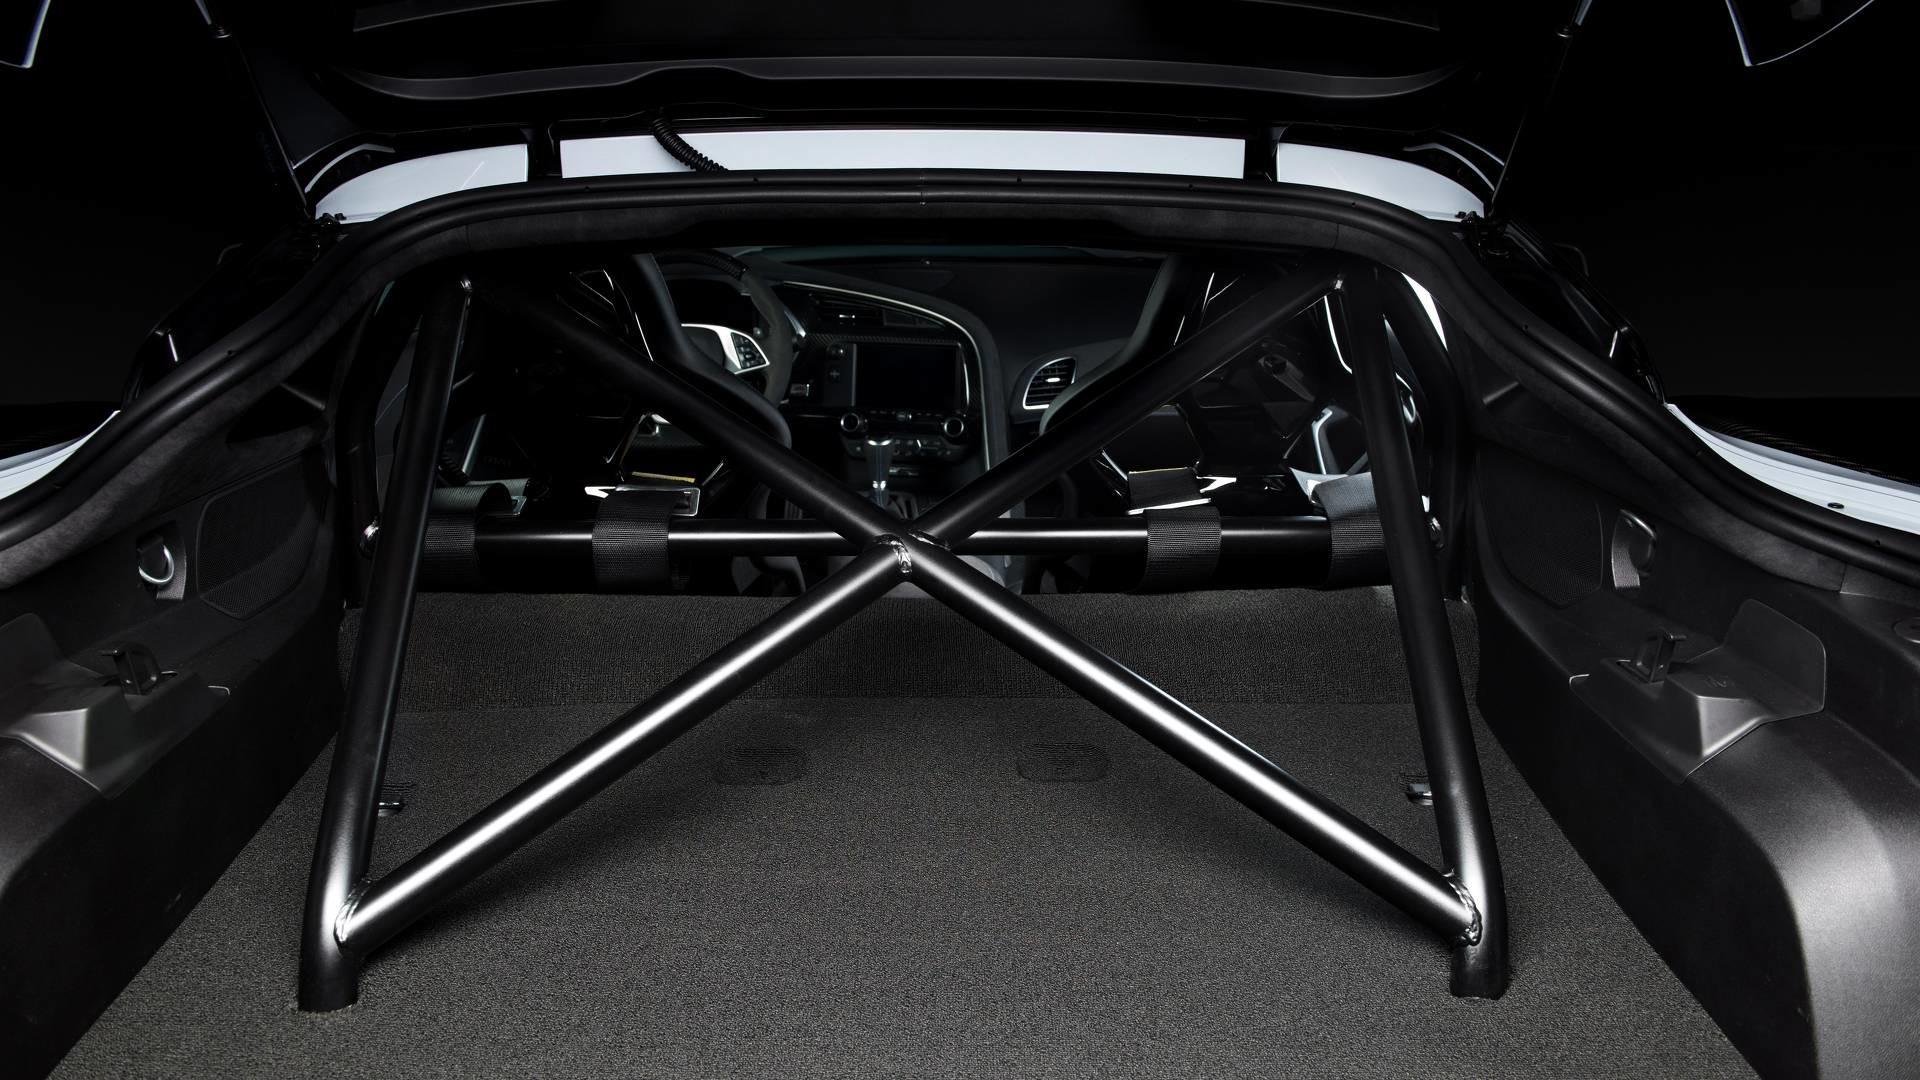 Foto de Corvette Z06 Geiger Carbon 65 Edition (14/15)